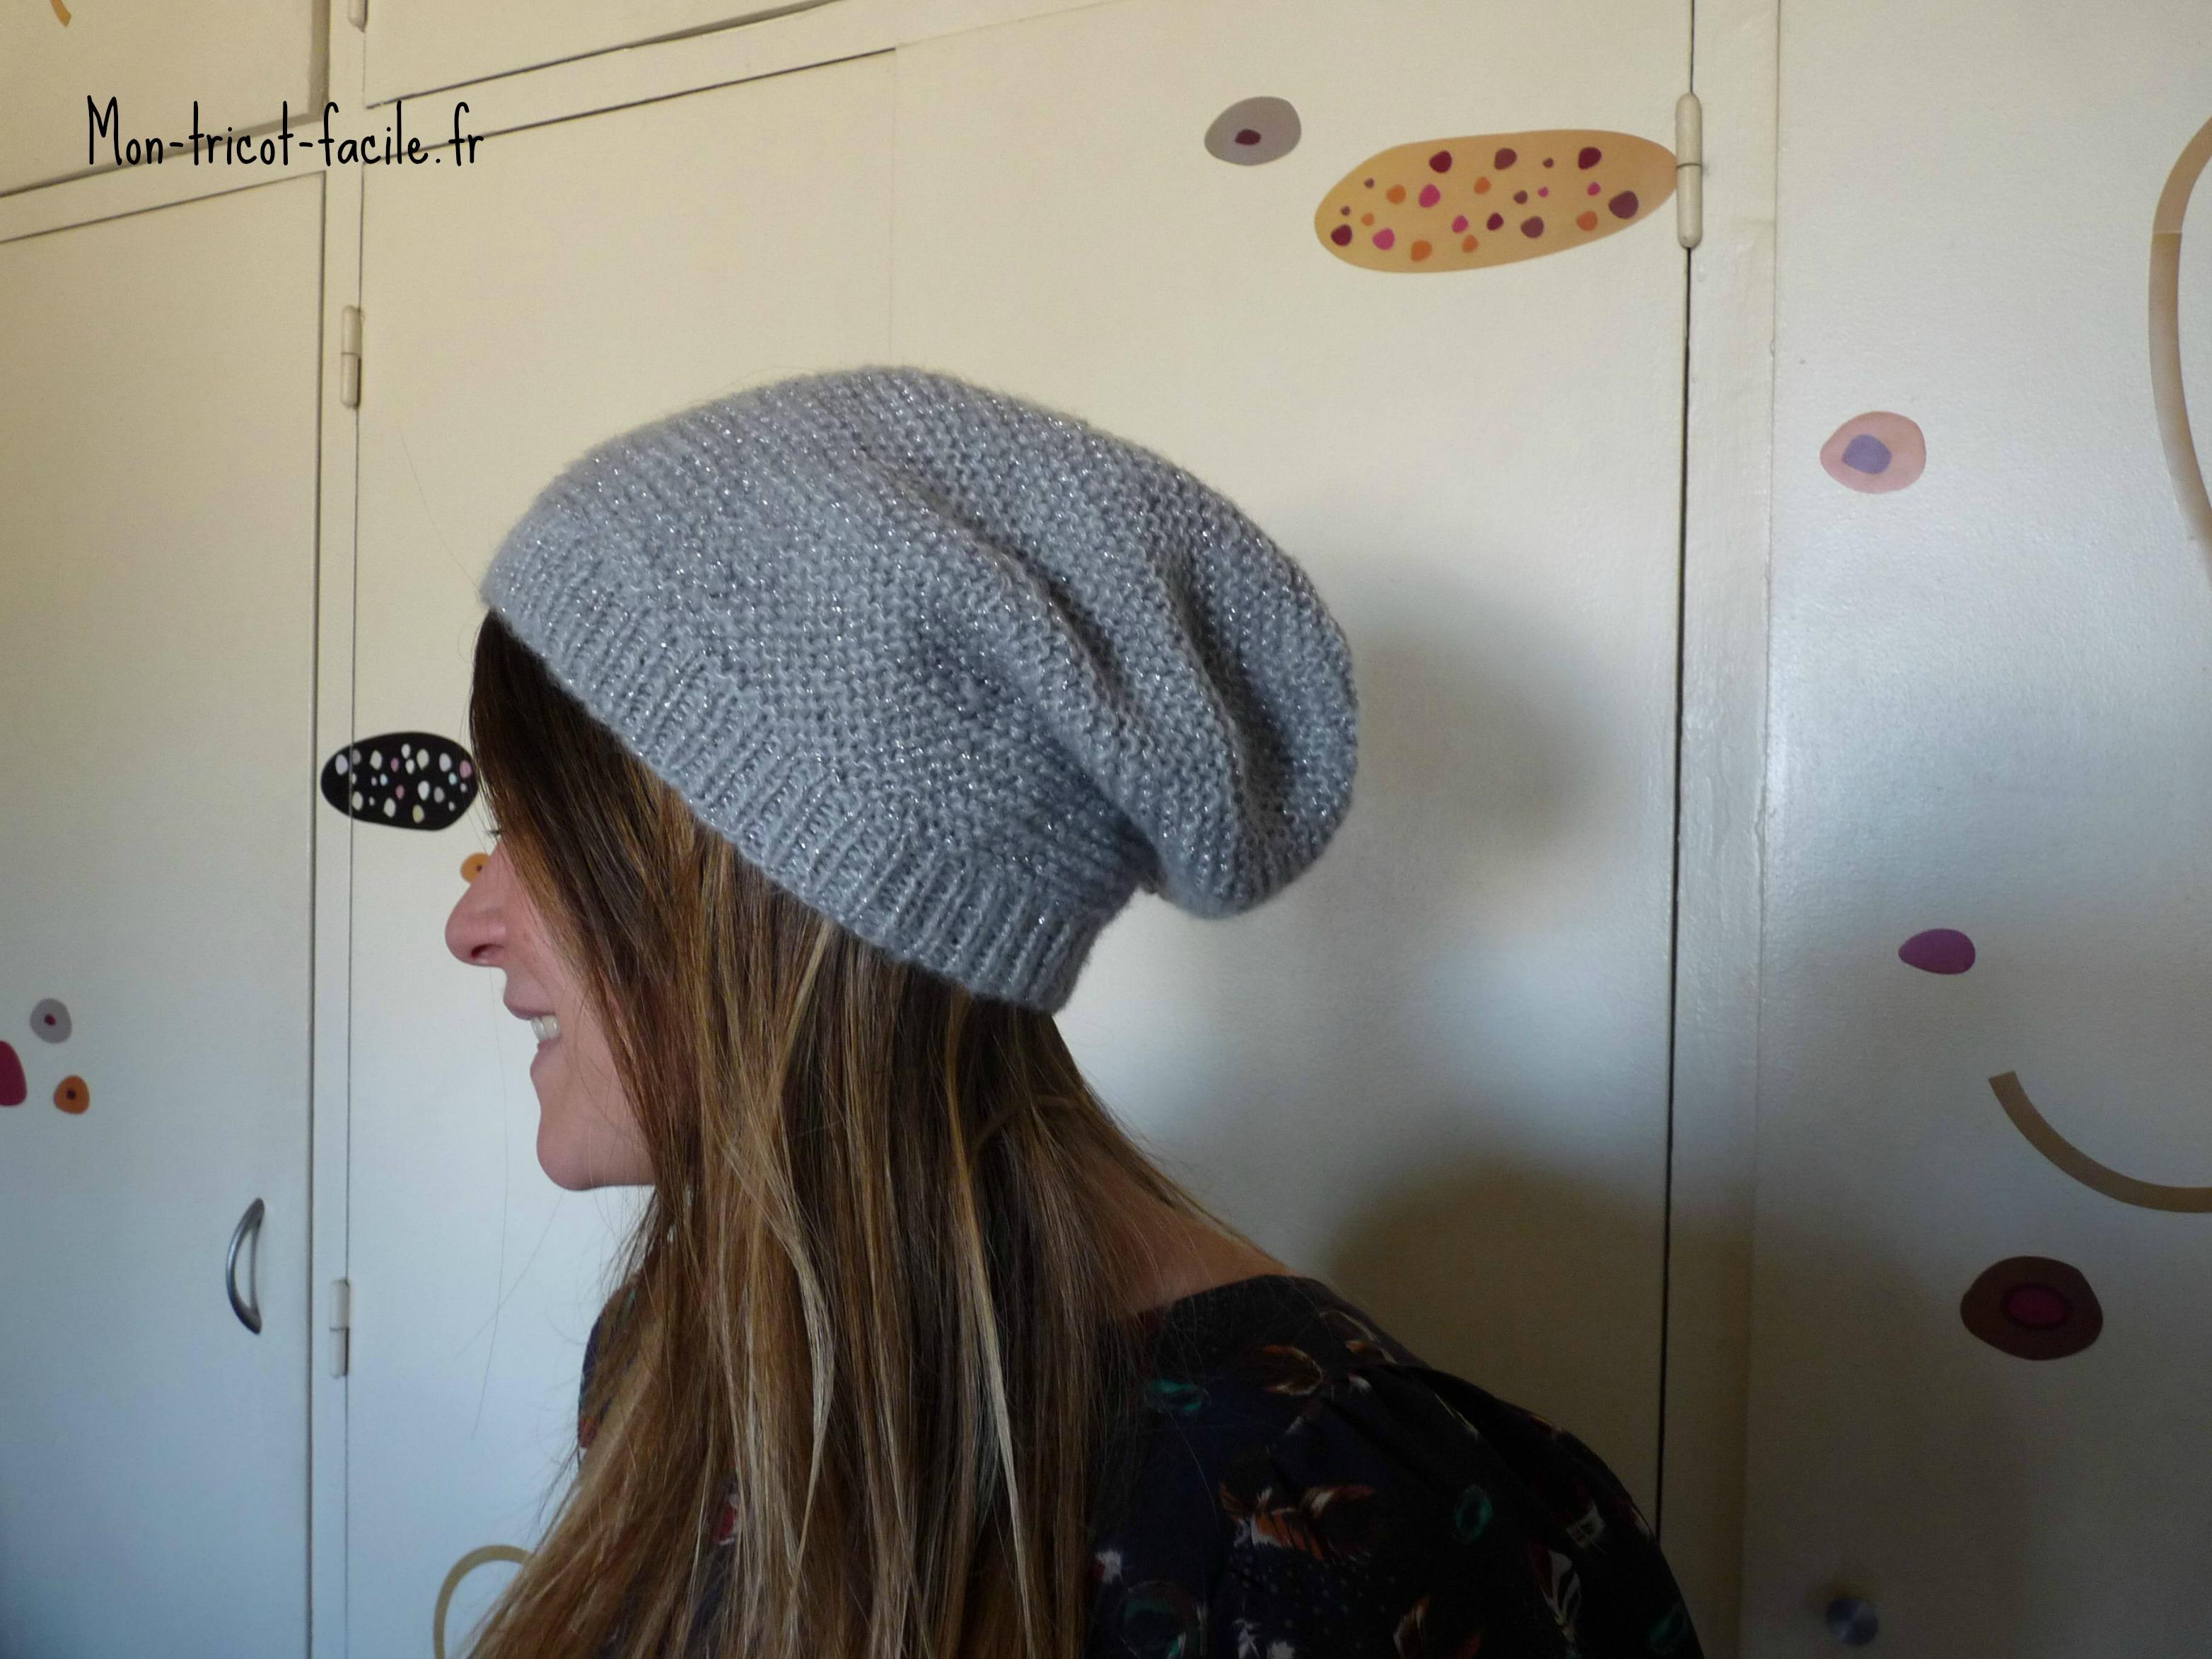 modele bonnet sans les explications  Forum Broderie, Couture, Tricot, Crochet